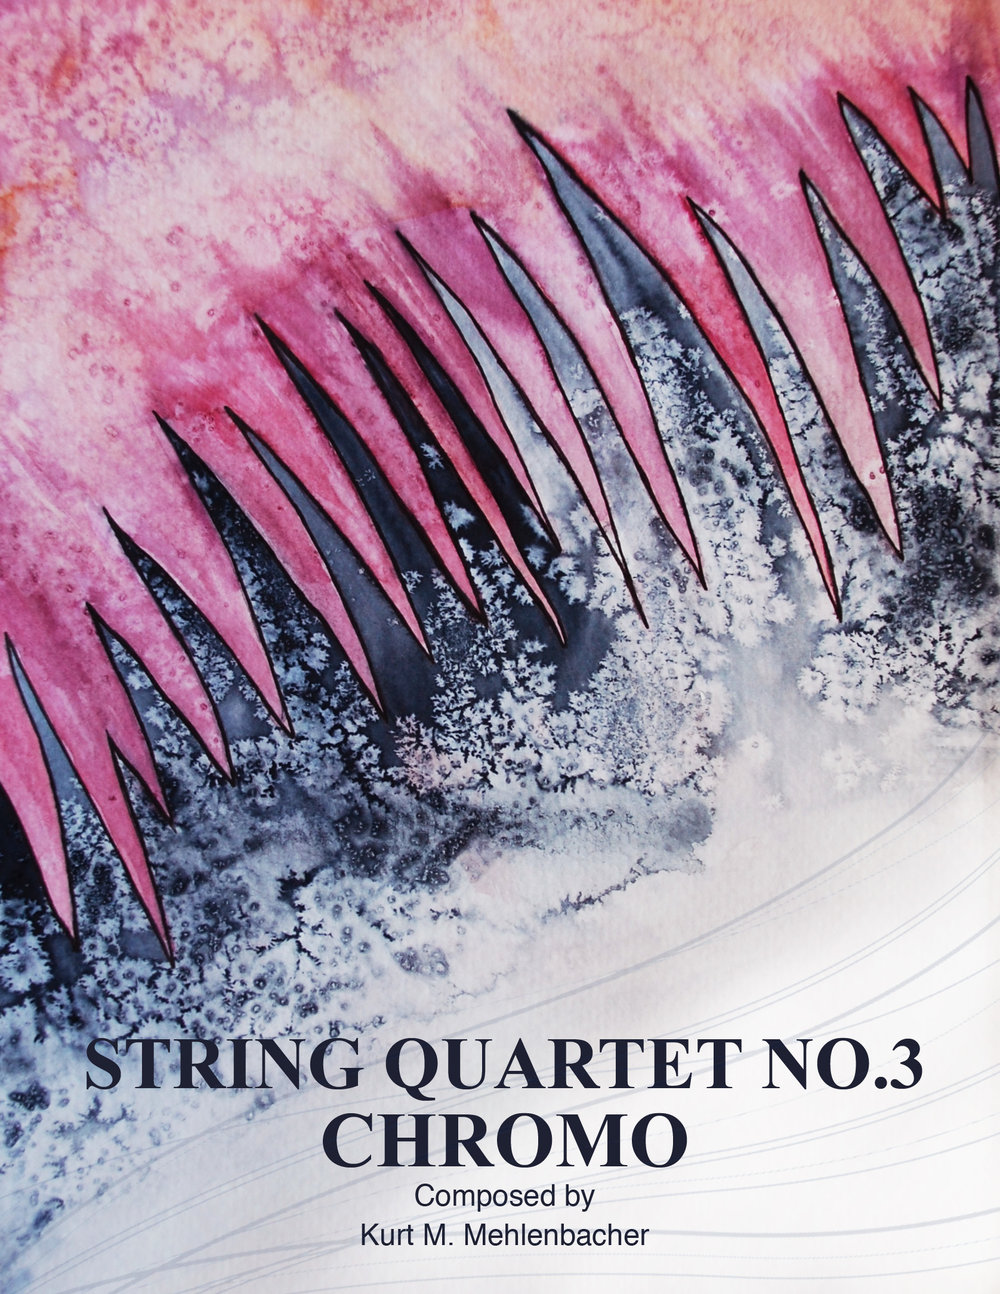 String Quartet No. 3: Chromo    for string quartet (2 violins, viola, cello)